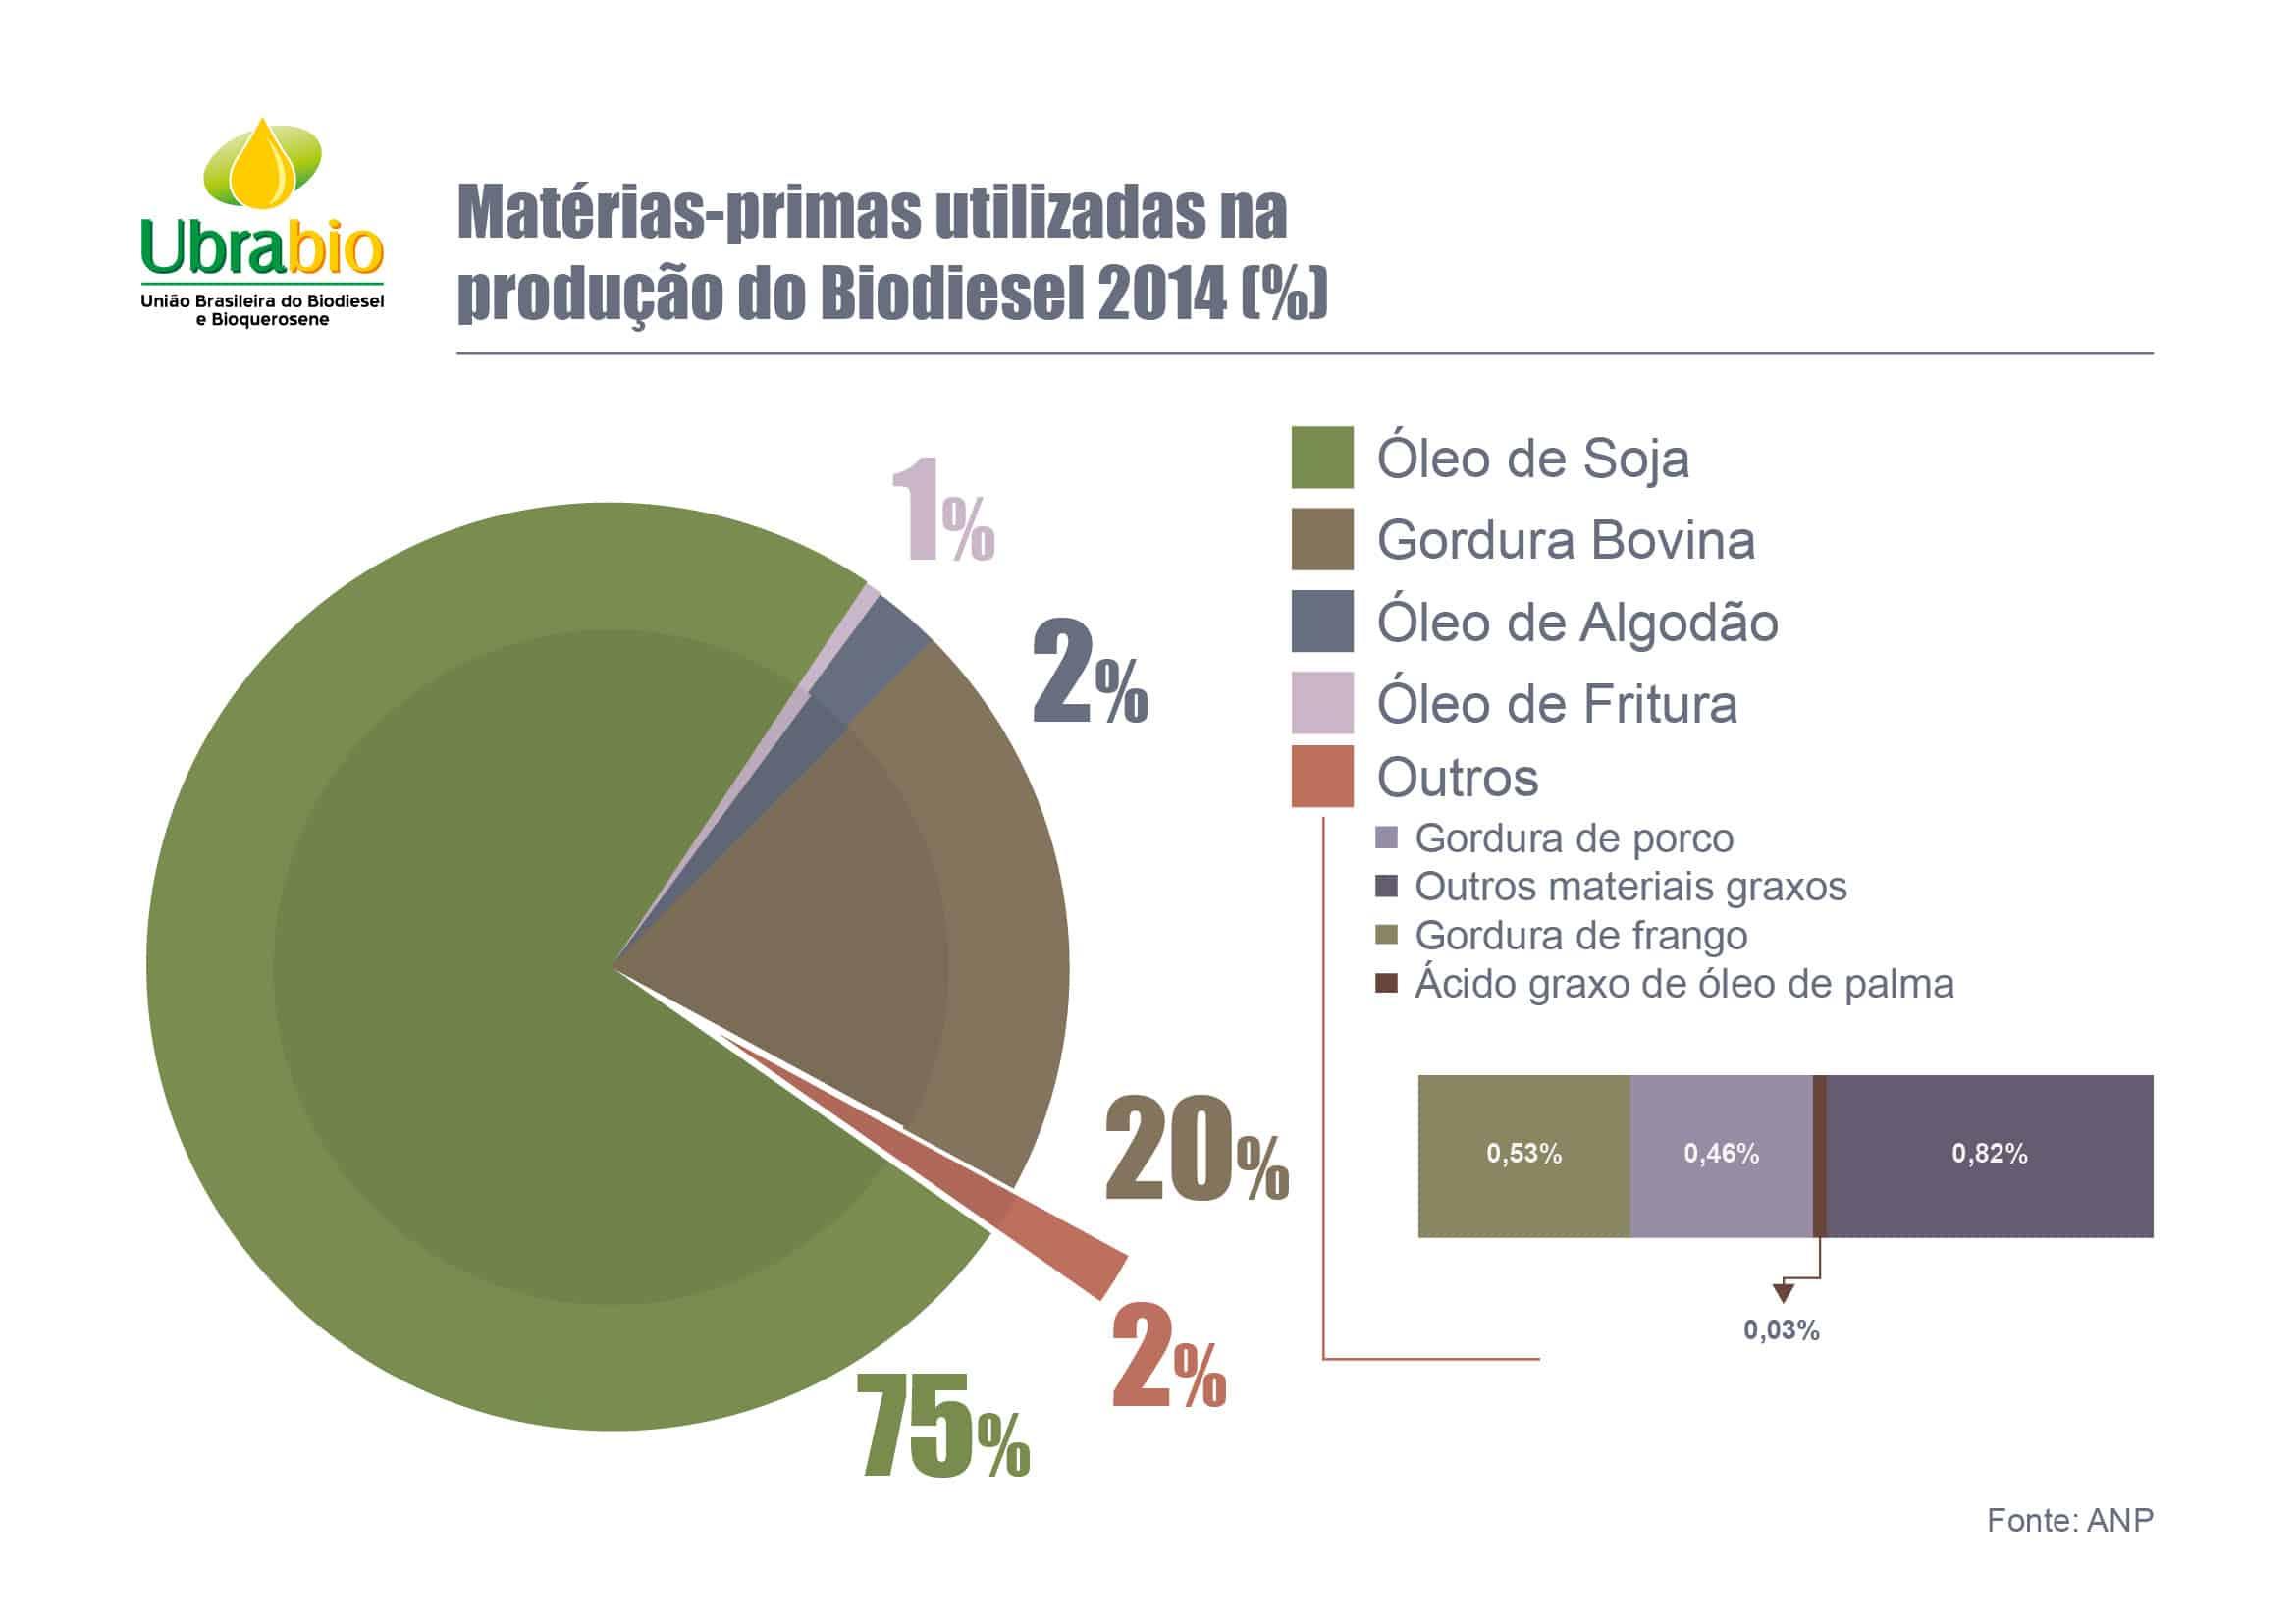 Matérias-primas utilizadas na produção do Biodiesel 2014 (%)